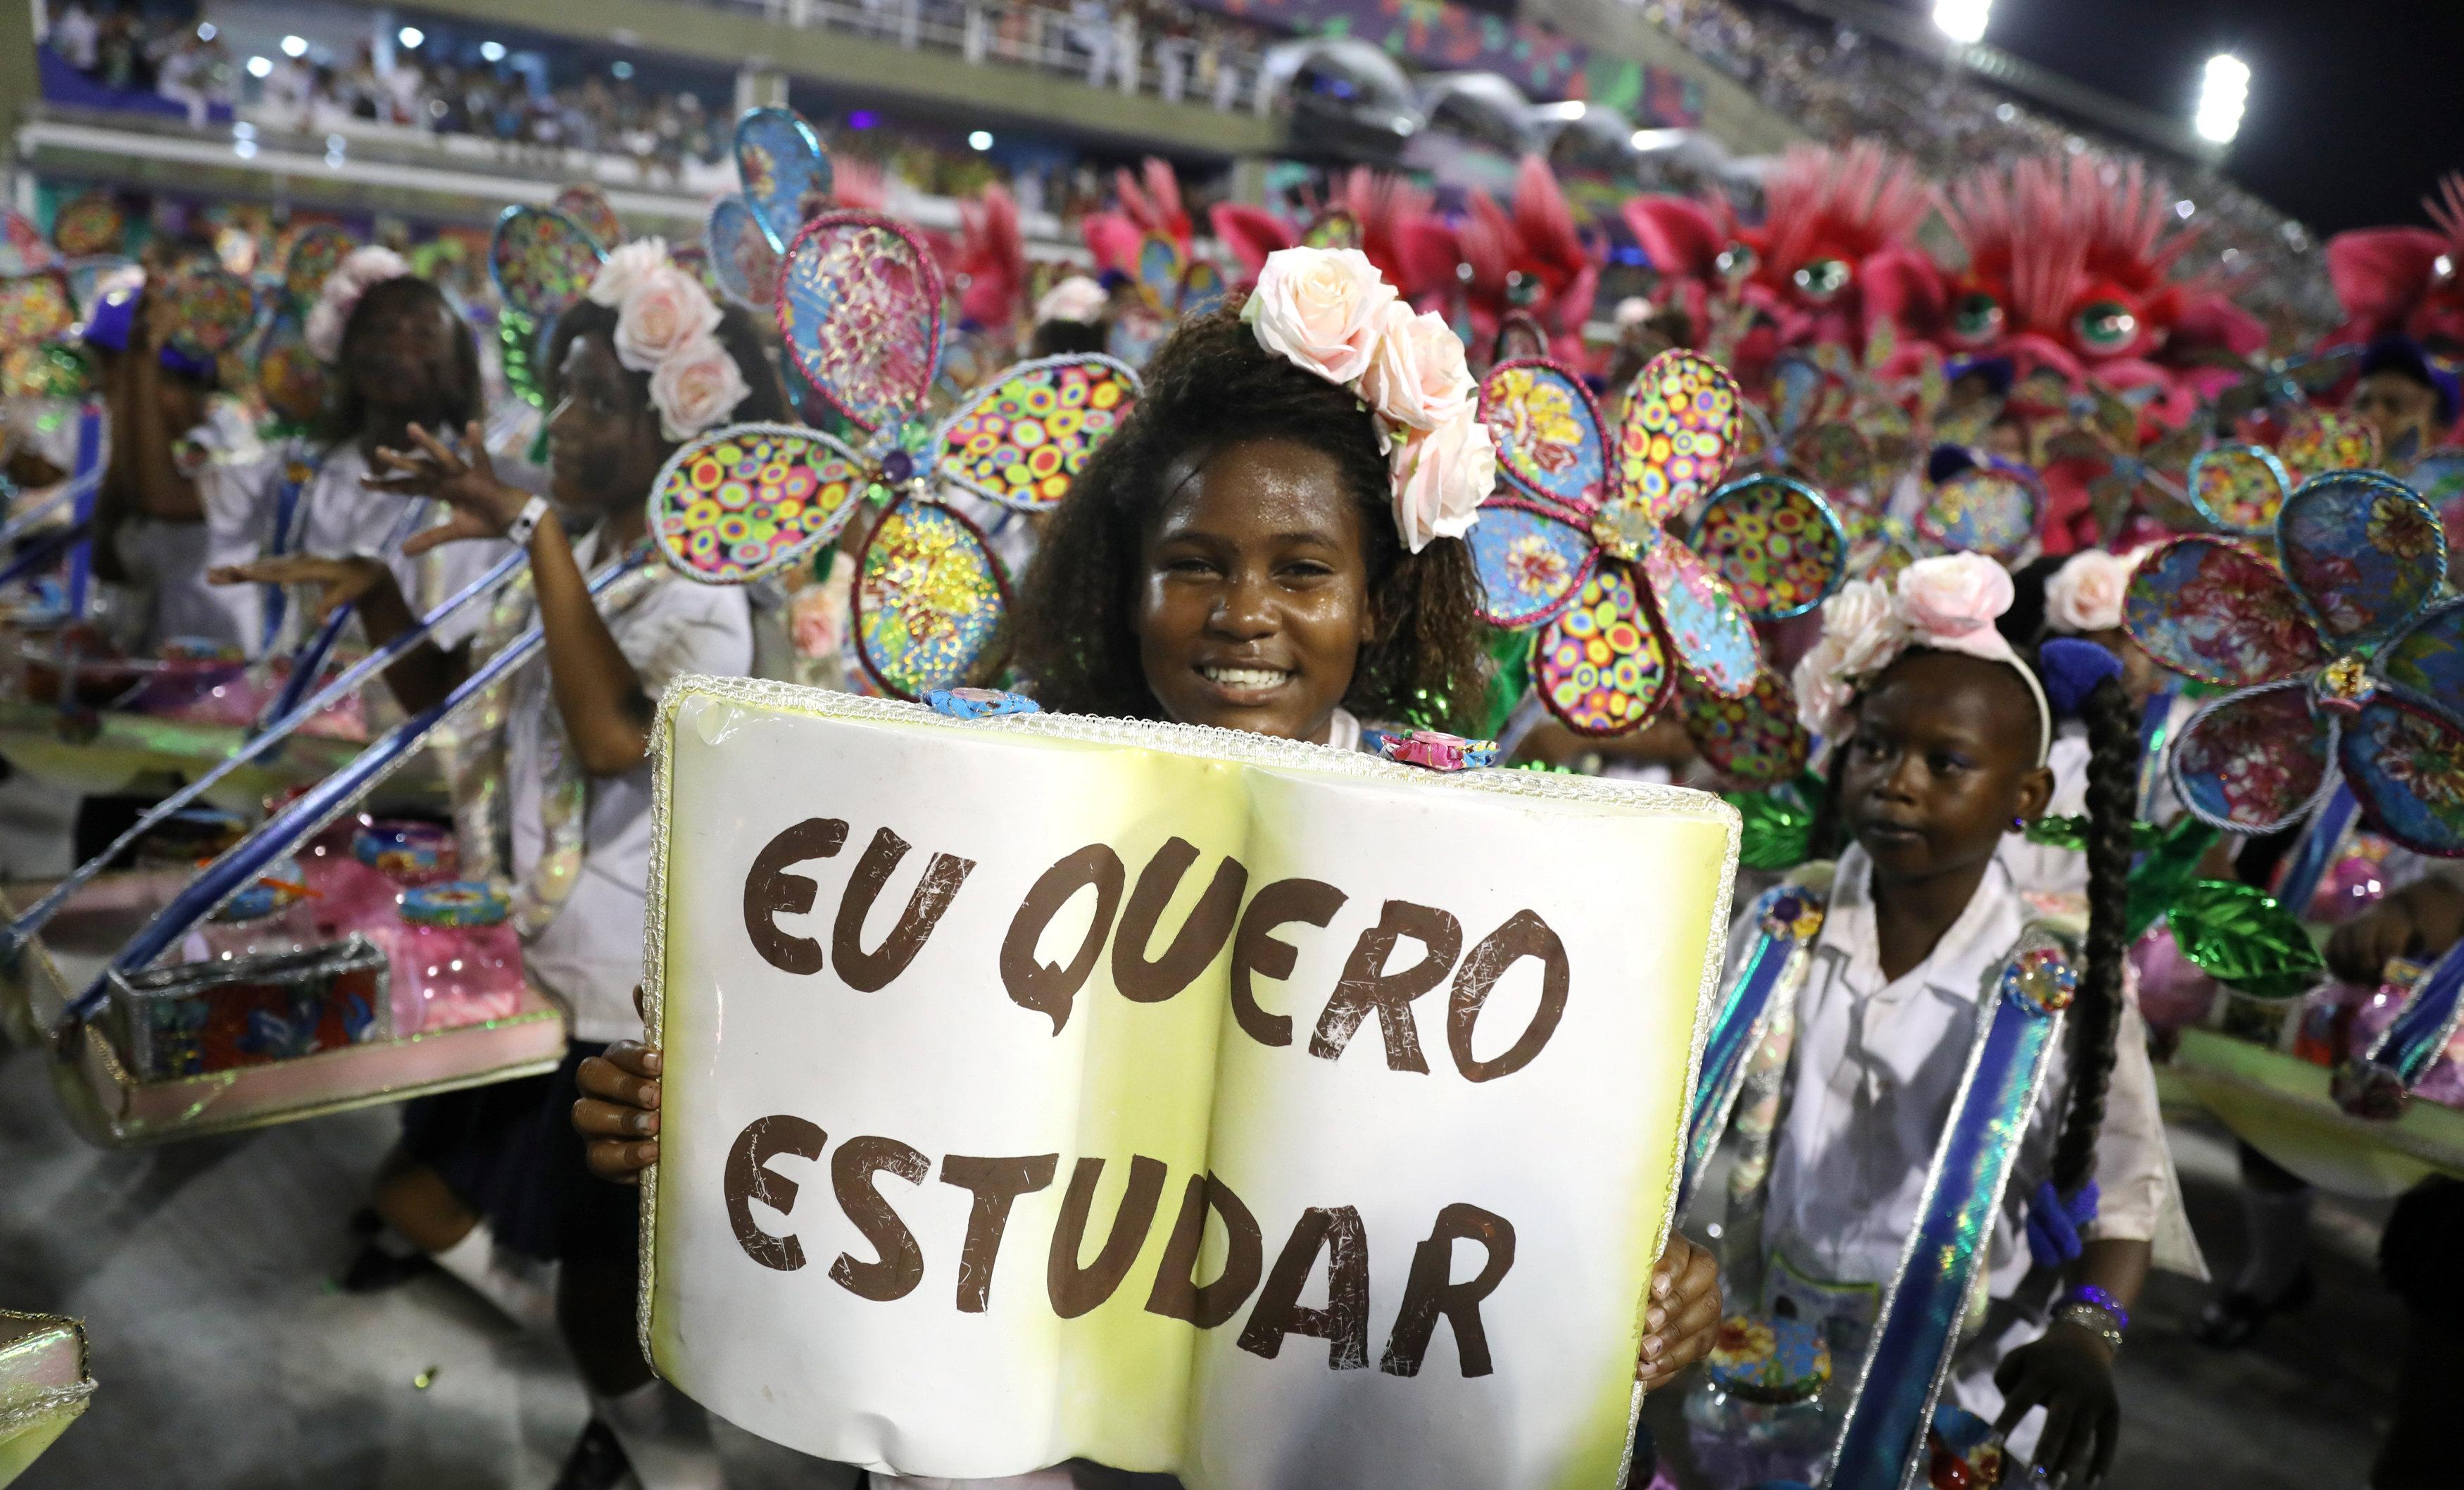 """""""أريد أن أدرس""""، ويقول ملصق هذه الفتاة من مدرسة بيجا فلور السامبا (ريوترز / بيلار أوليفارز)"""